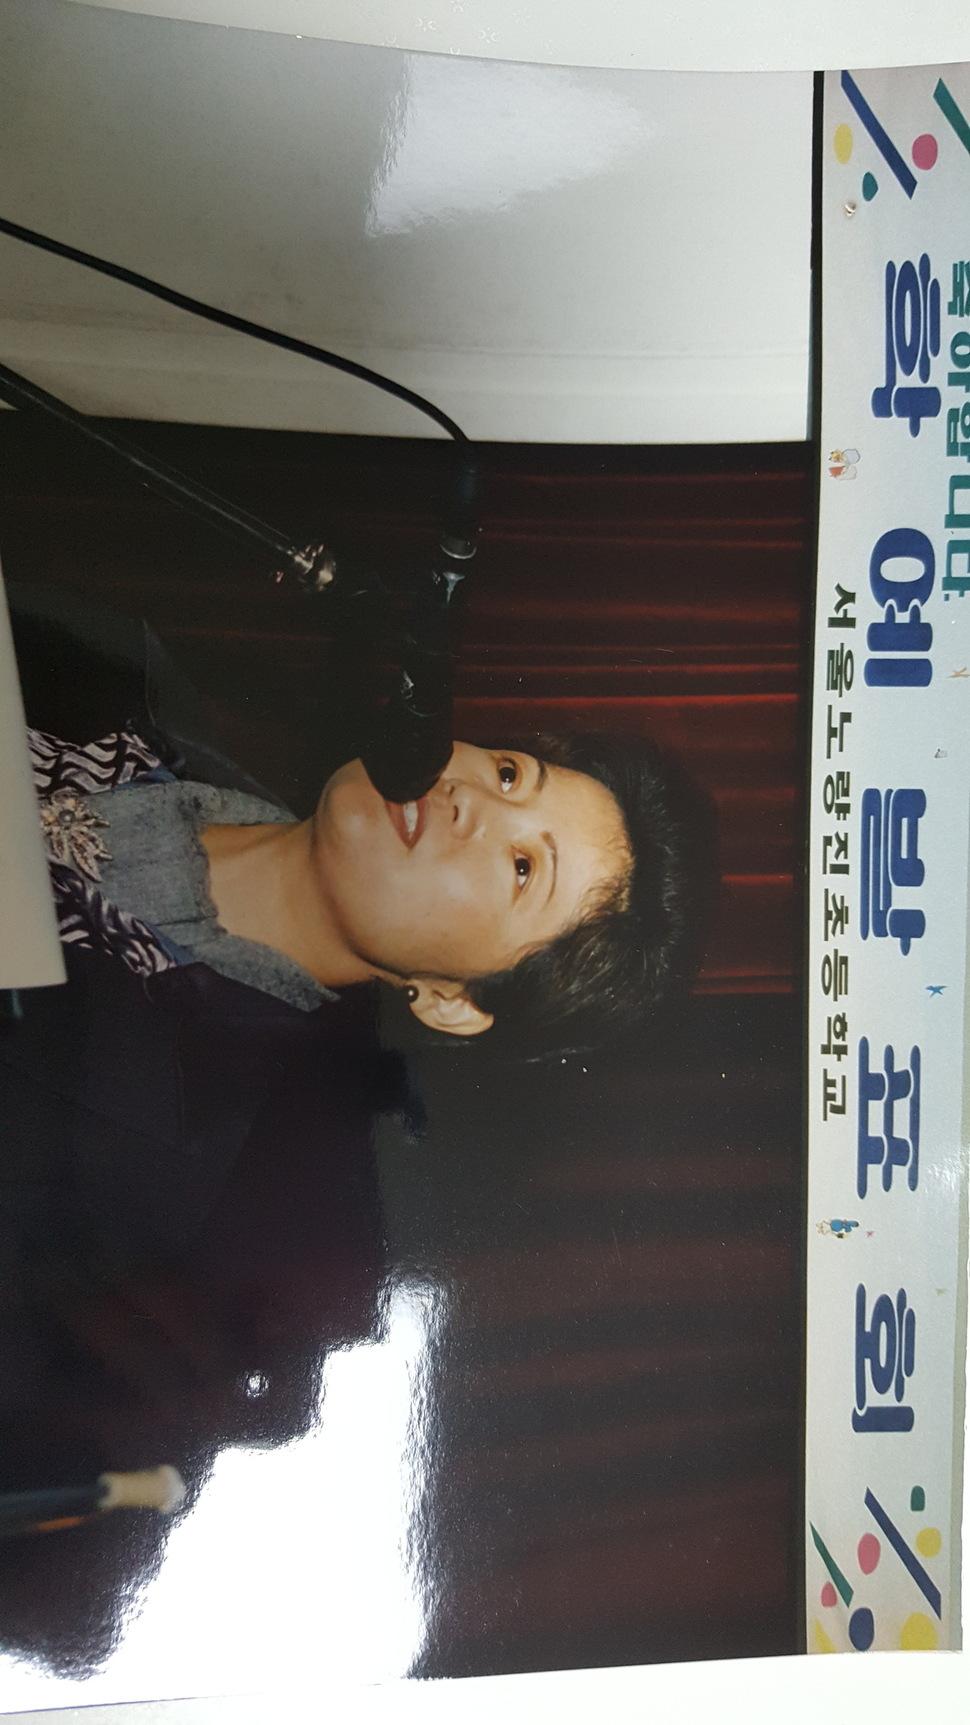 2002년 10월 서울 노량진초등학교에서 교무부장으로 일할 당시 학예회 사회를 보는 모습.